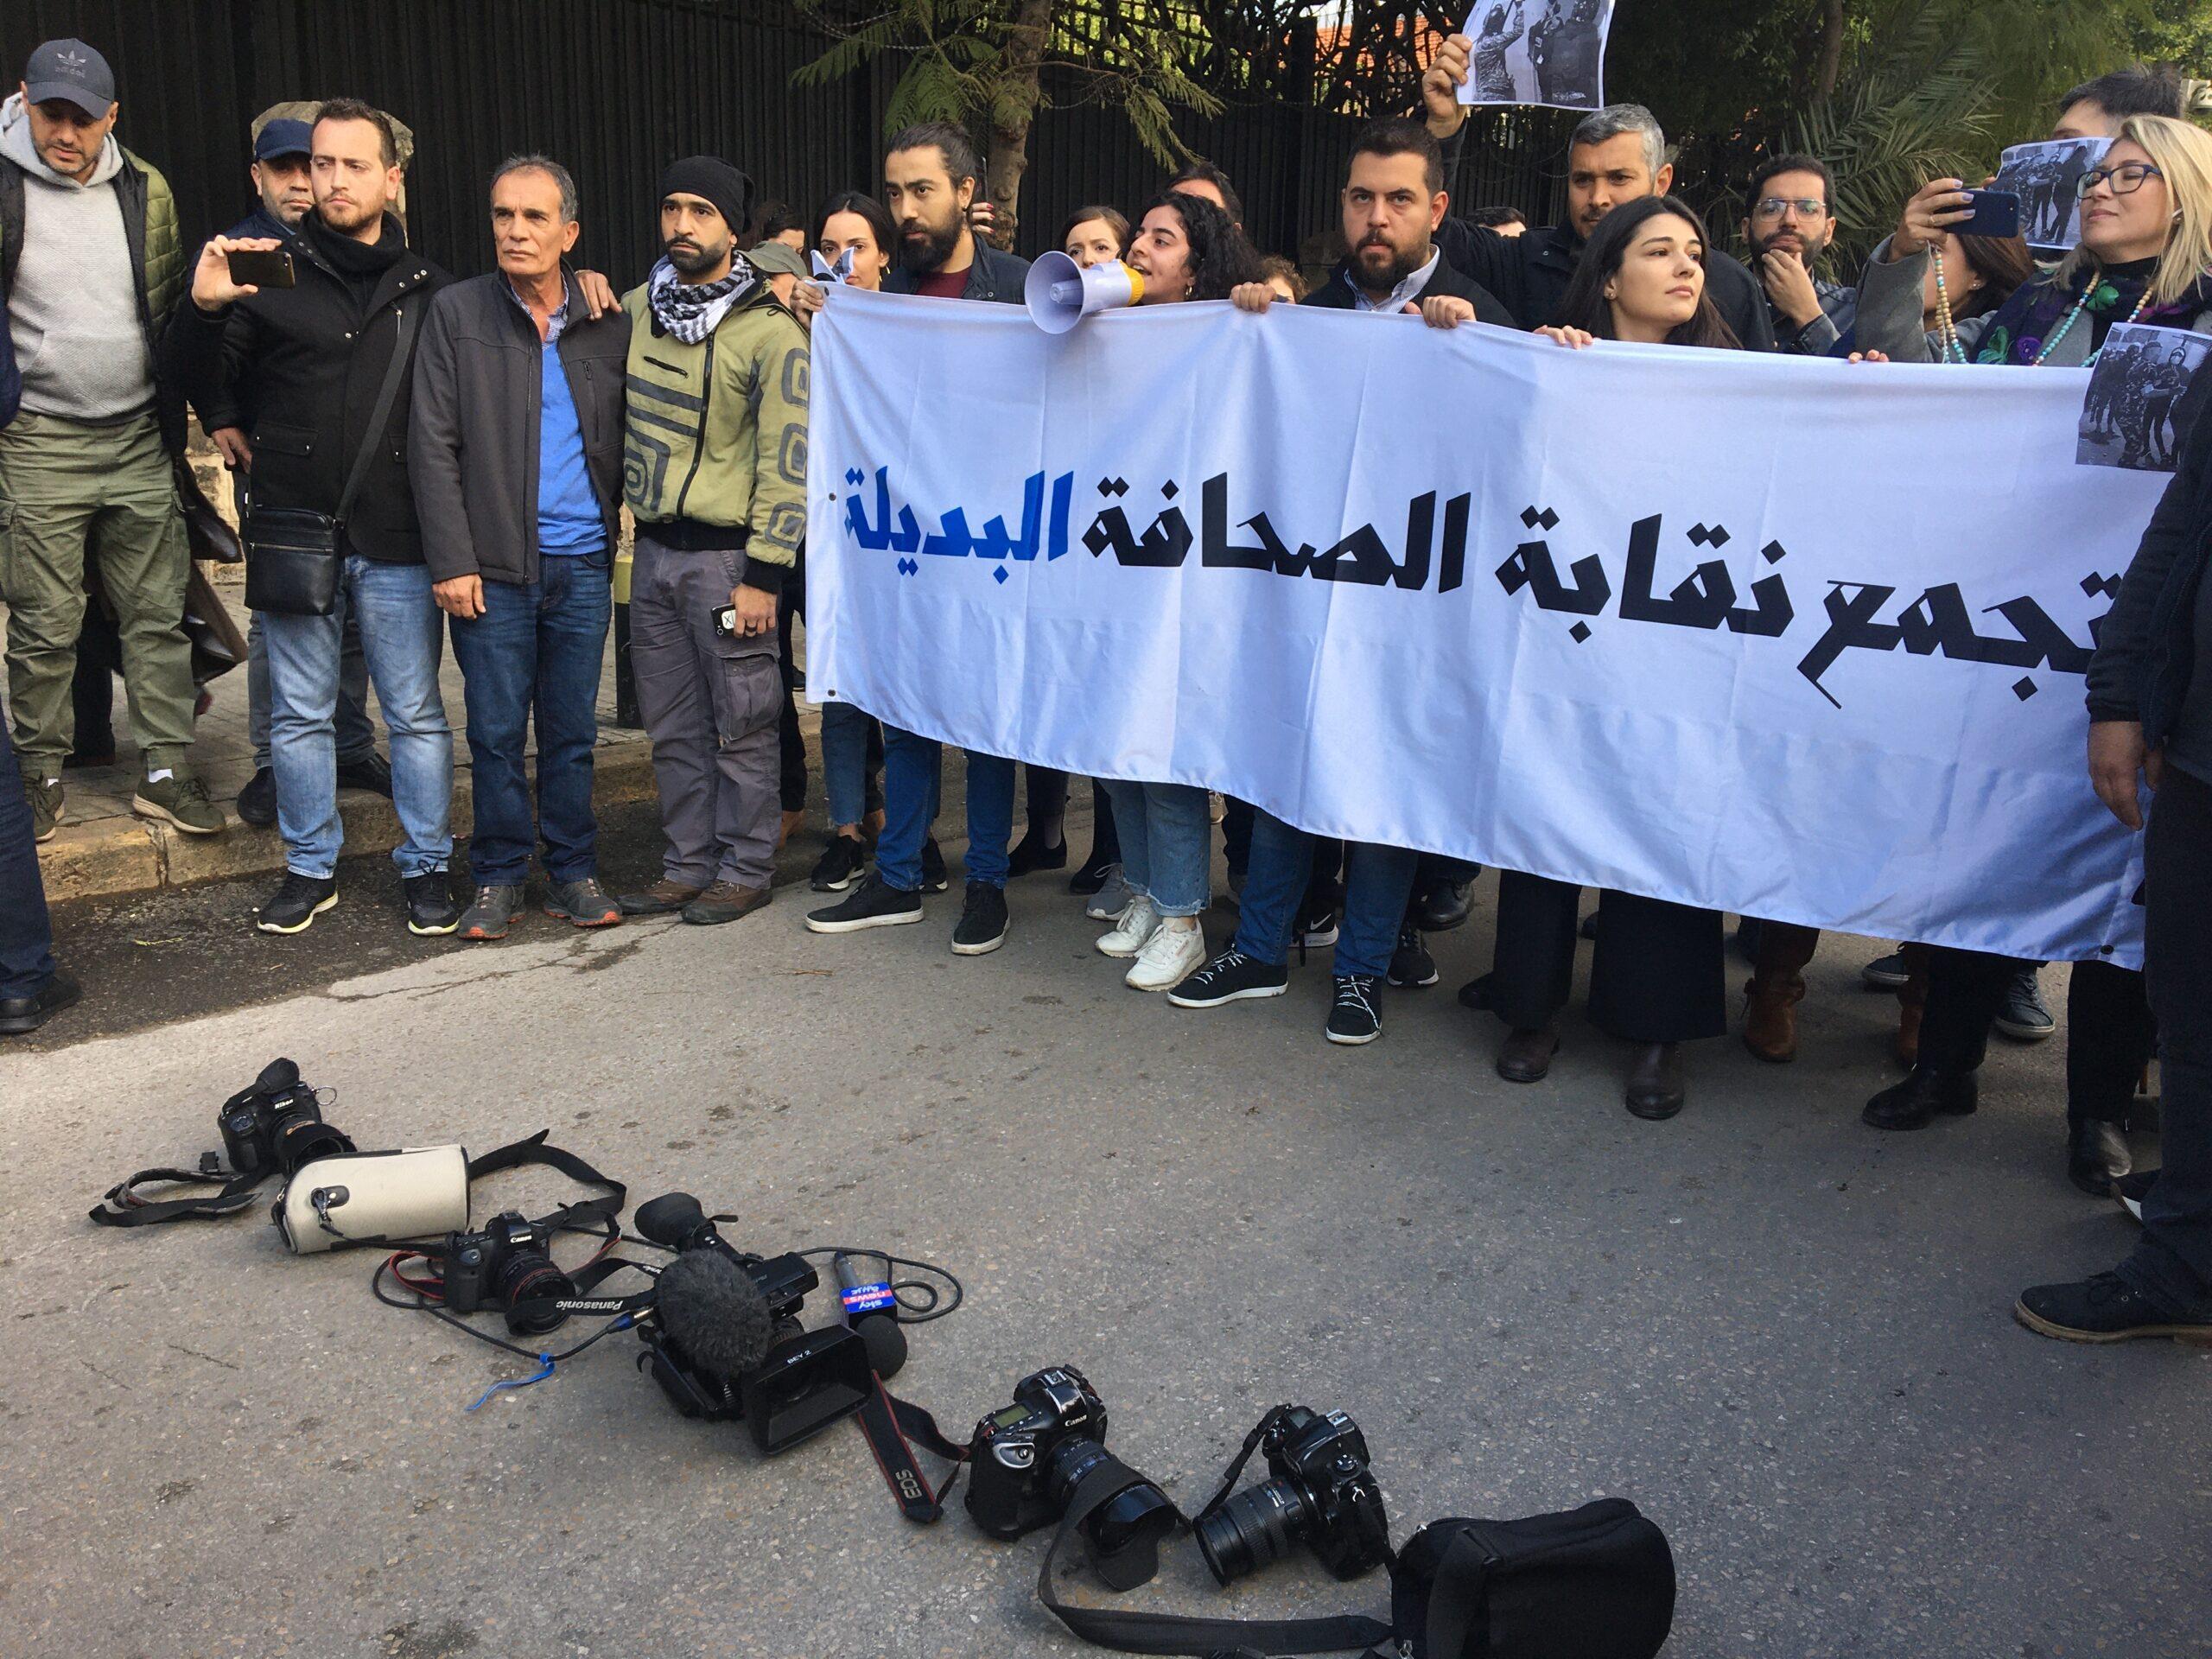 """اعتداء على عشرات الصحافيين أمام ثكنة الحلو: الجسم الصحافي يعتبر الأمر """"مقصوداً"""""""